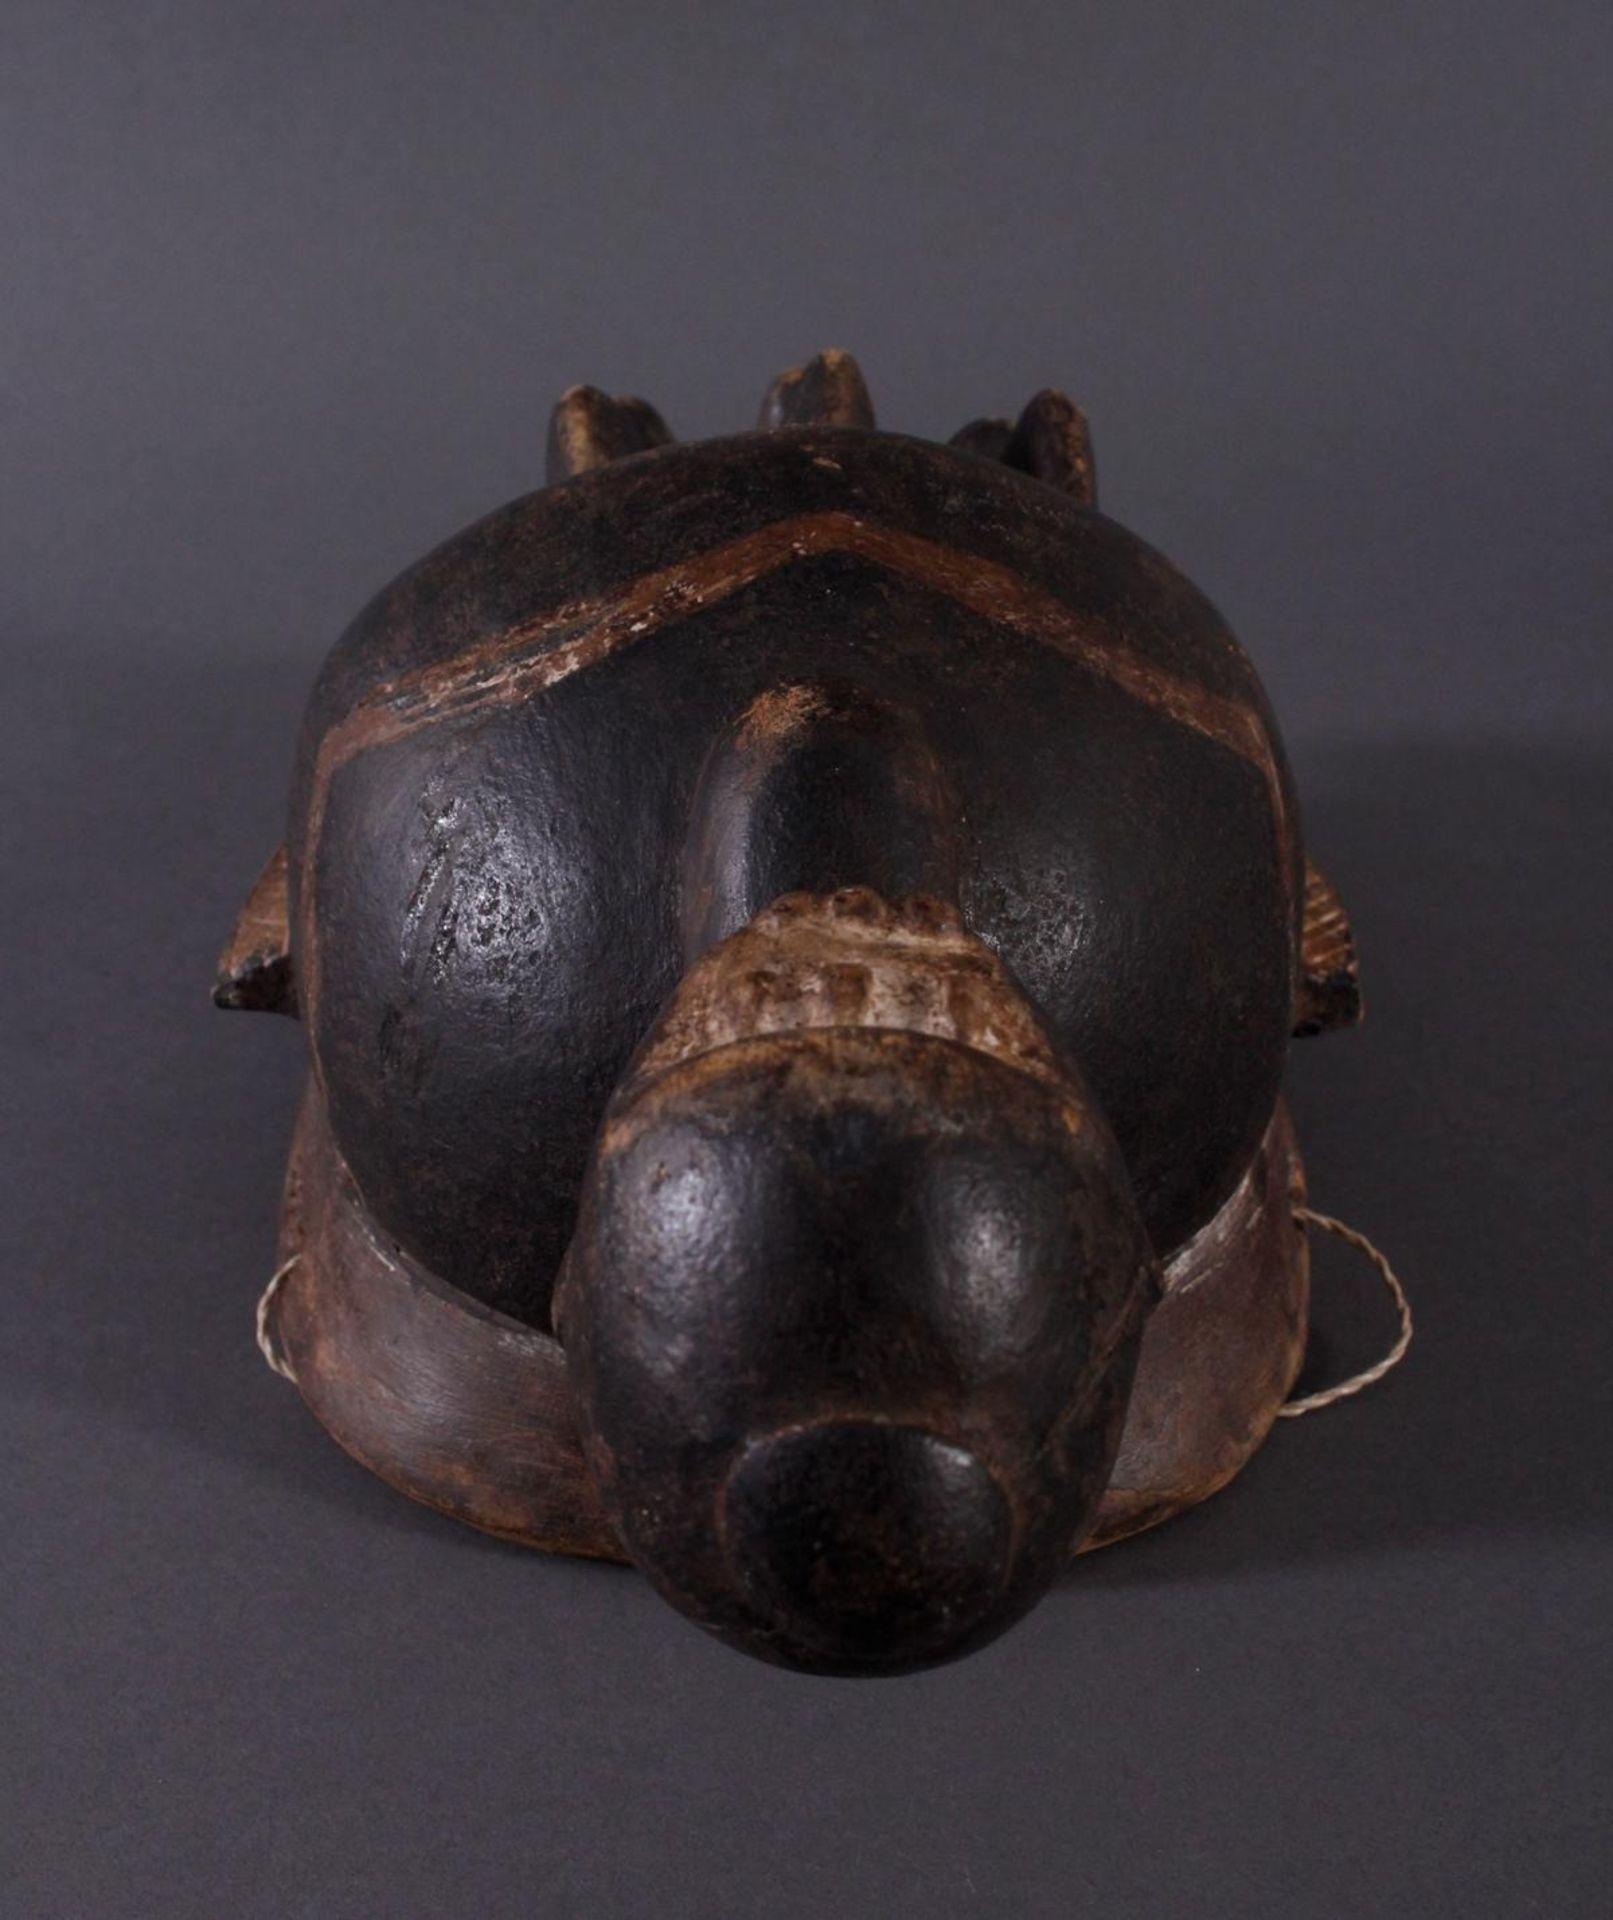 Antike Kpelie-Maske, Senufo 1. Hälfte 20. Jh.Holz geschnitzt, geschwärztes, leicht glänzendes, - Bild 4 aus 6